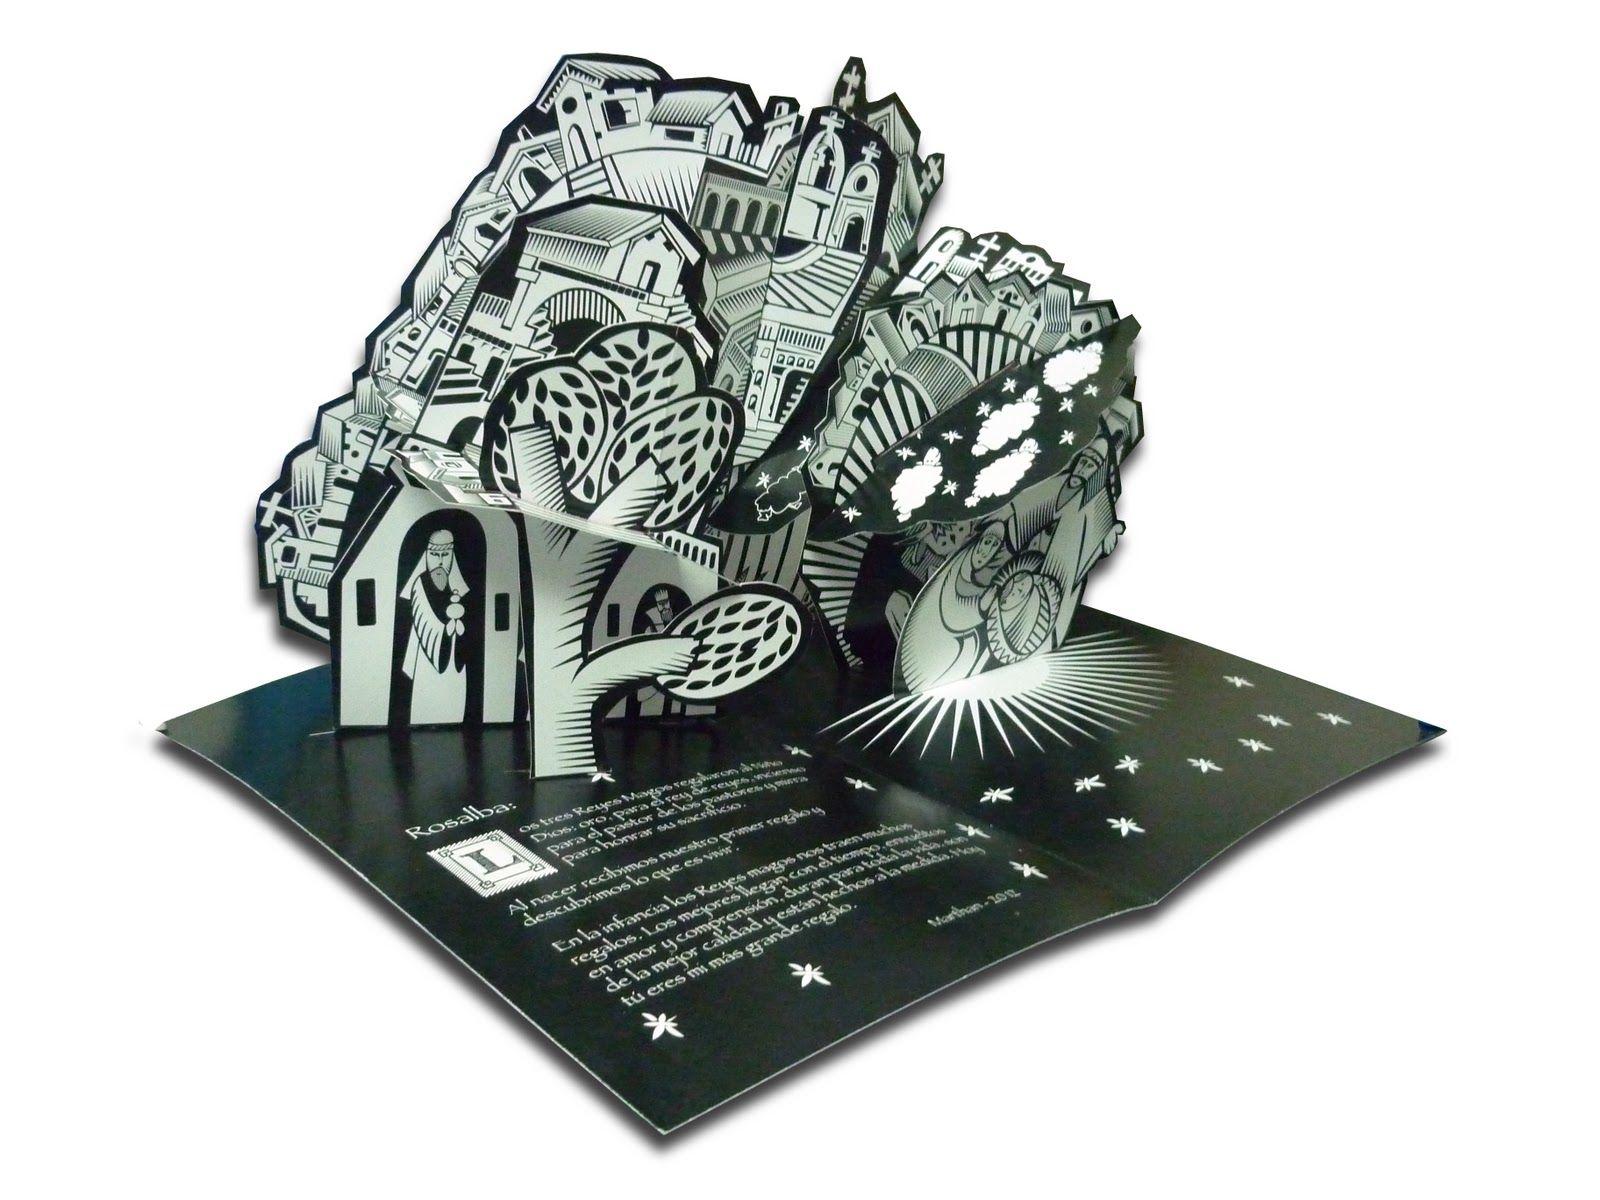 Tarjeta Pop Up Interior Nacimiento De Navidad Y Reyes Magos Diseño Ilustración E Ingeniería En Papel Marthan Pop Up Home Appliances Decor